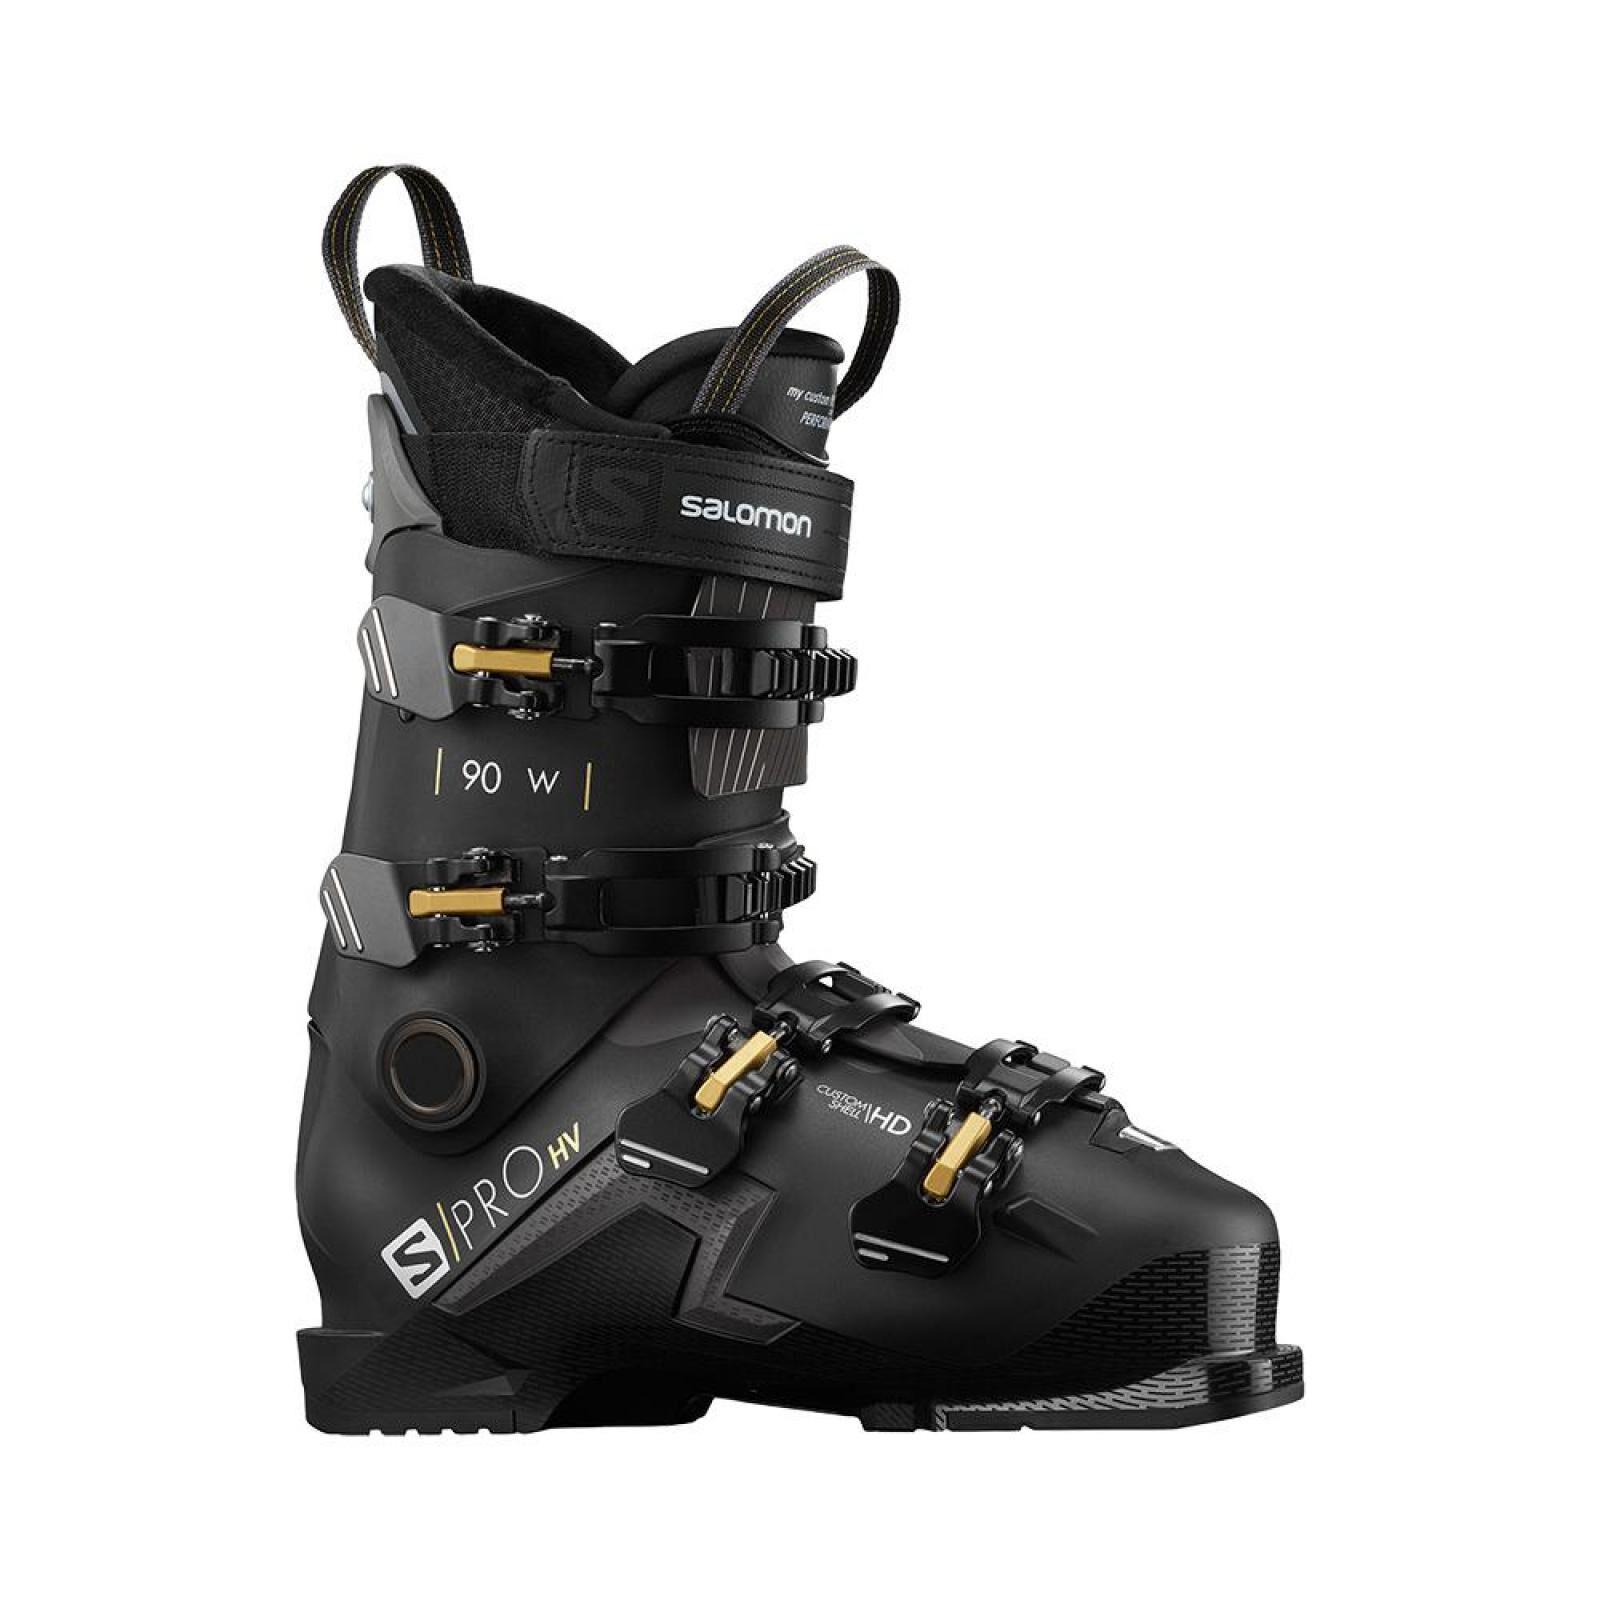 salomon Chaussures De Ski Salomon S/pro Hv 90 W Black/be Femme